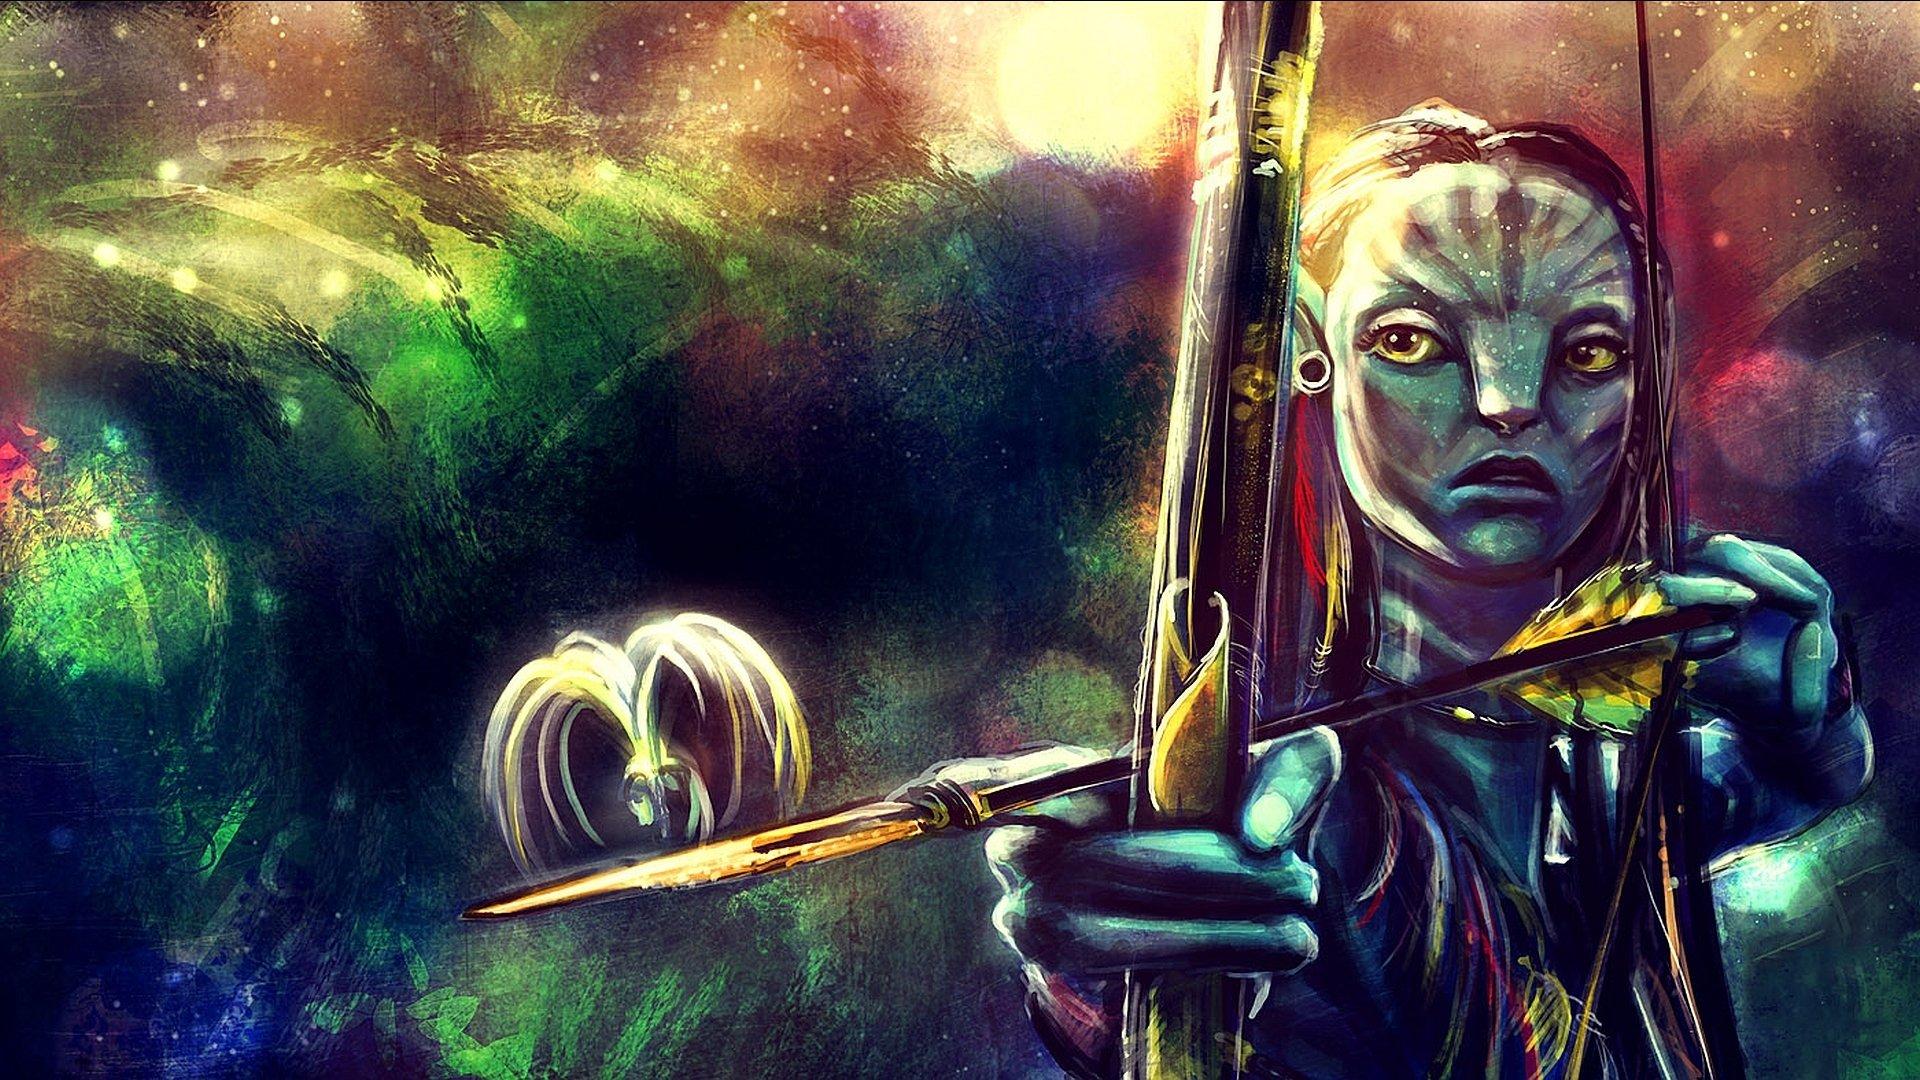 Avatar Fondos De Pantalla De La Película De Avatar